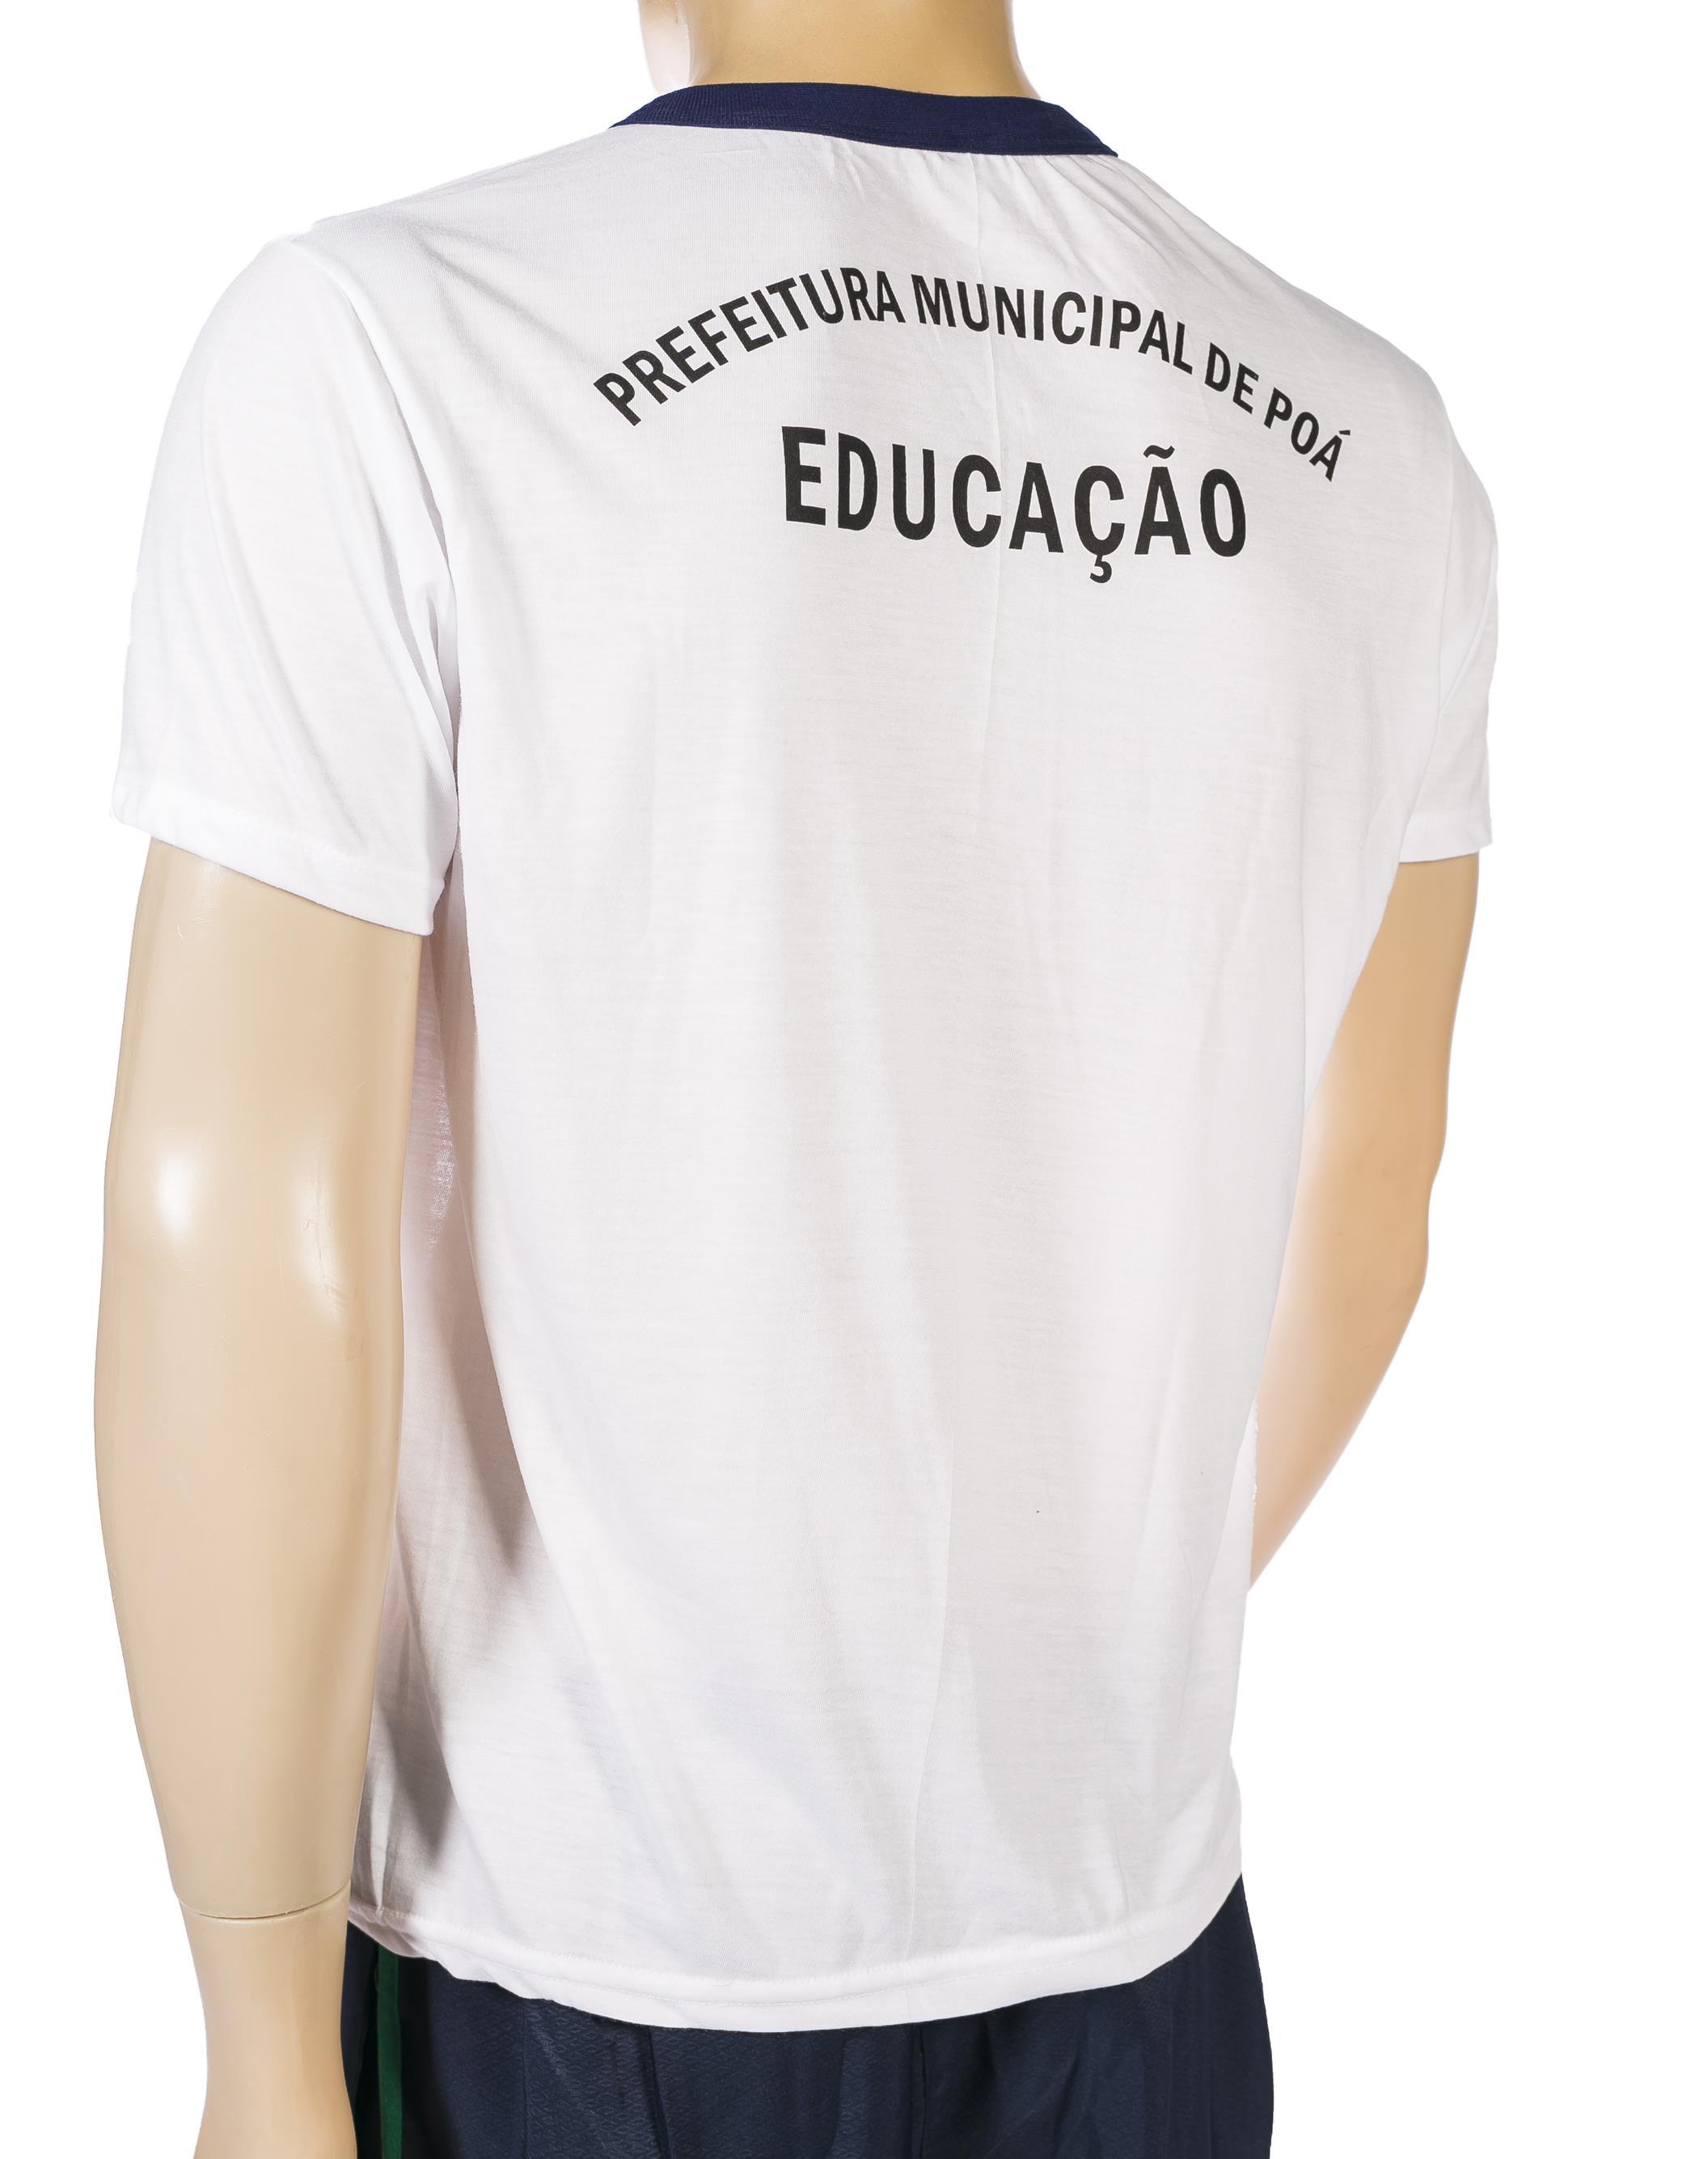 1062 - terra brasil copiar